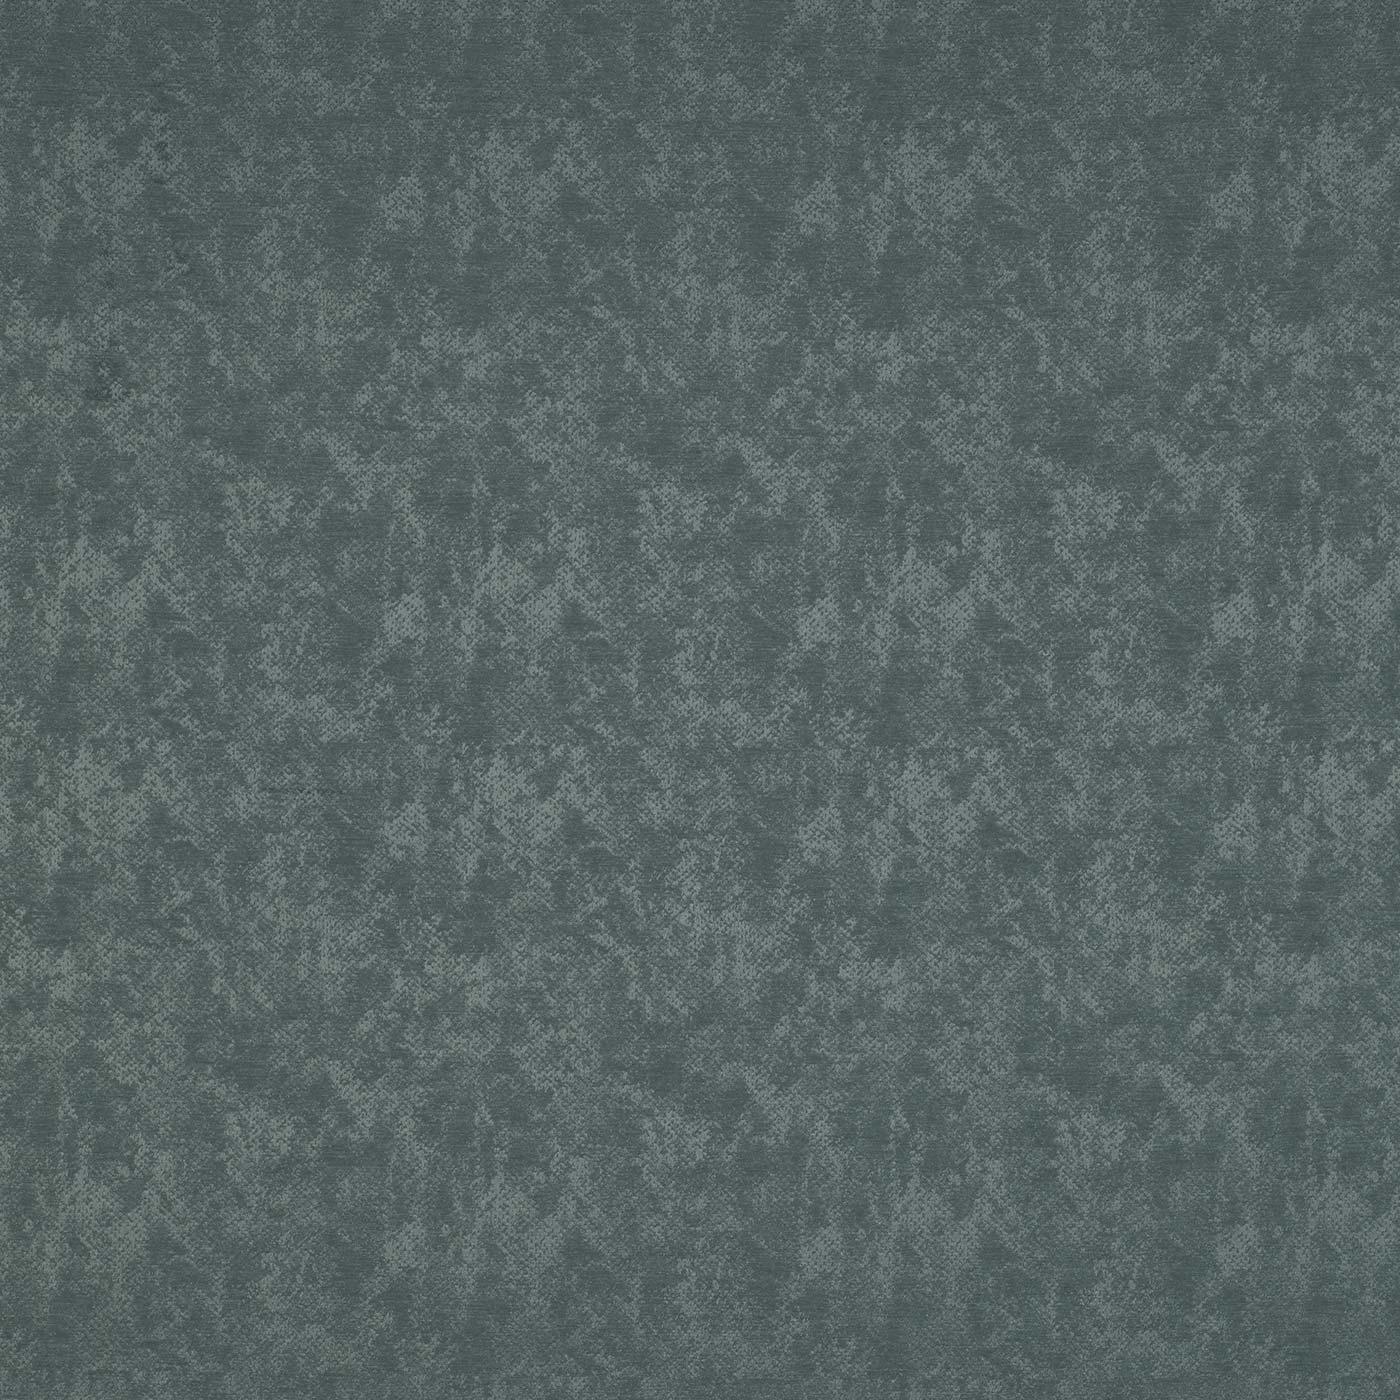 Una Grey